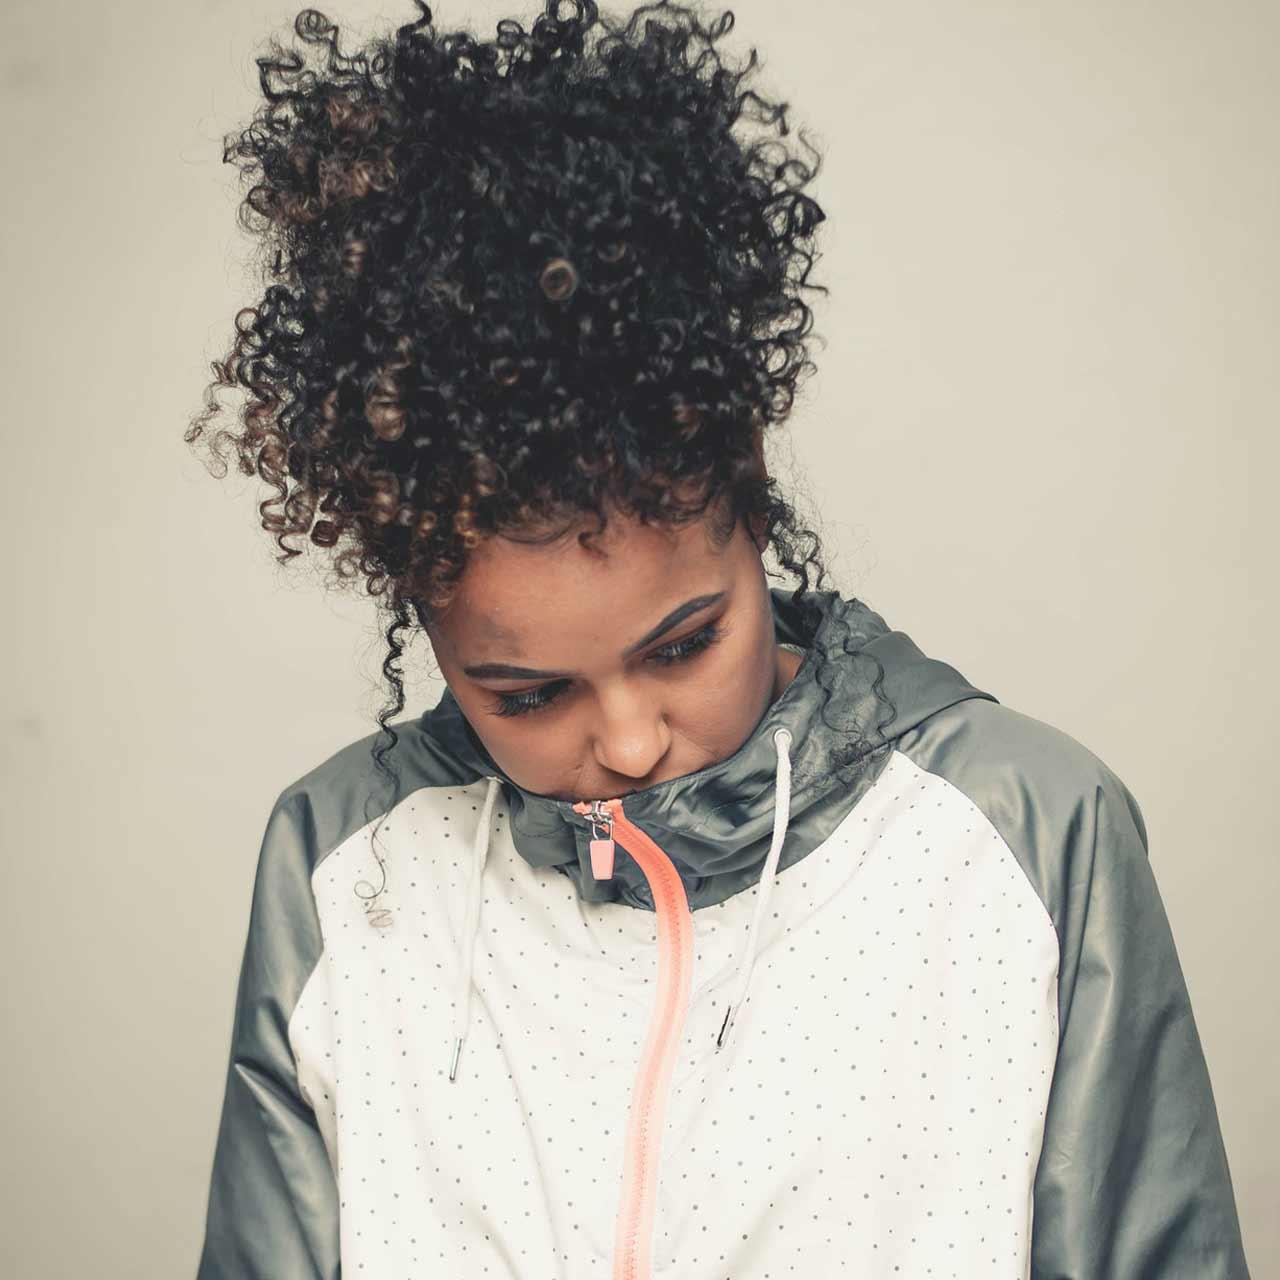 afro-girl-afro-hair-girl-modelo-2576730